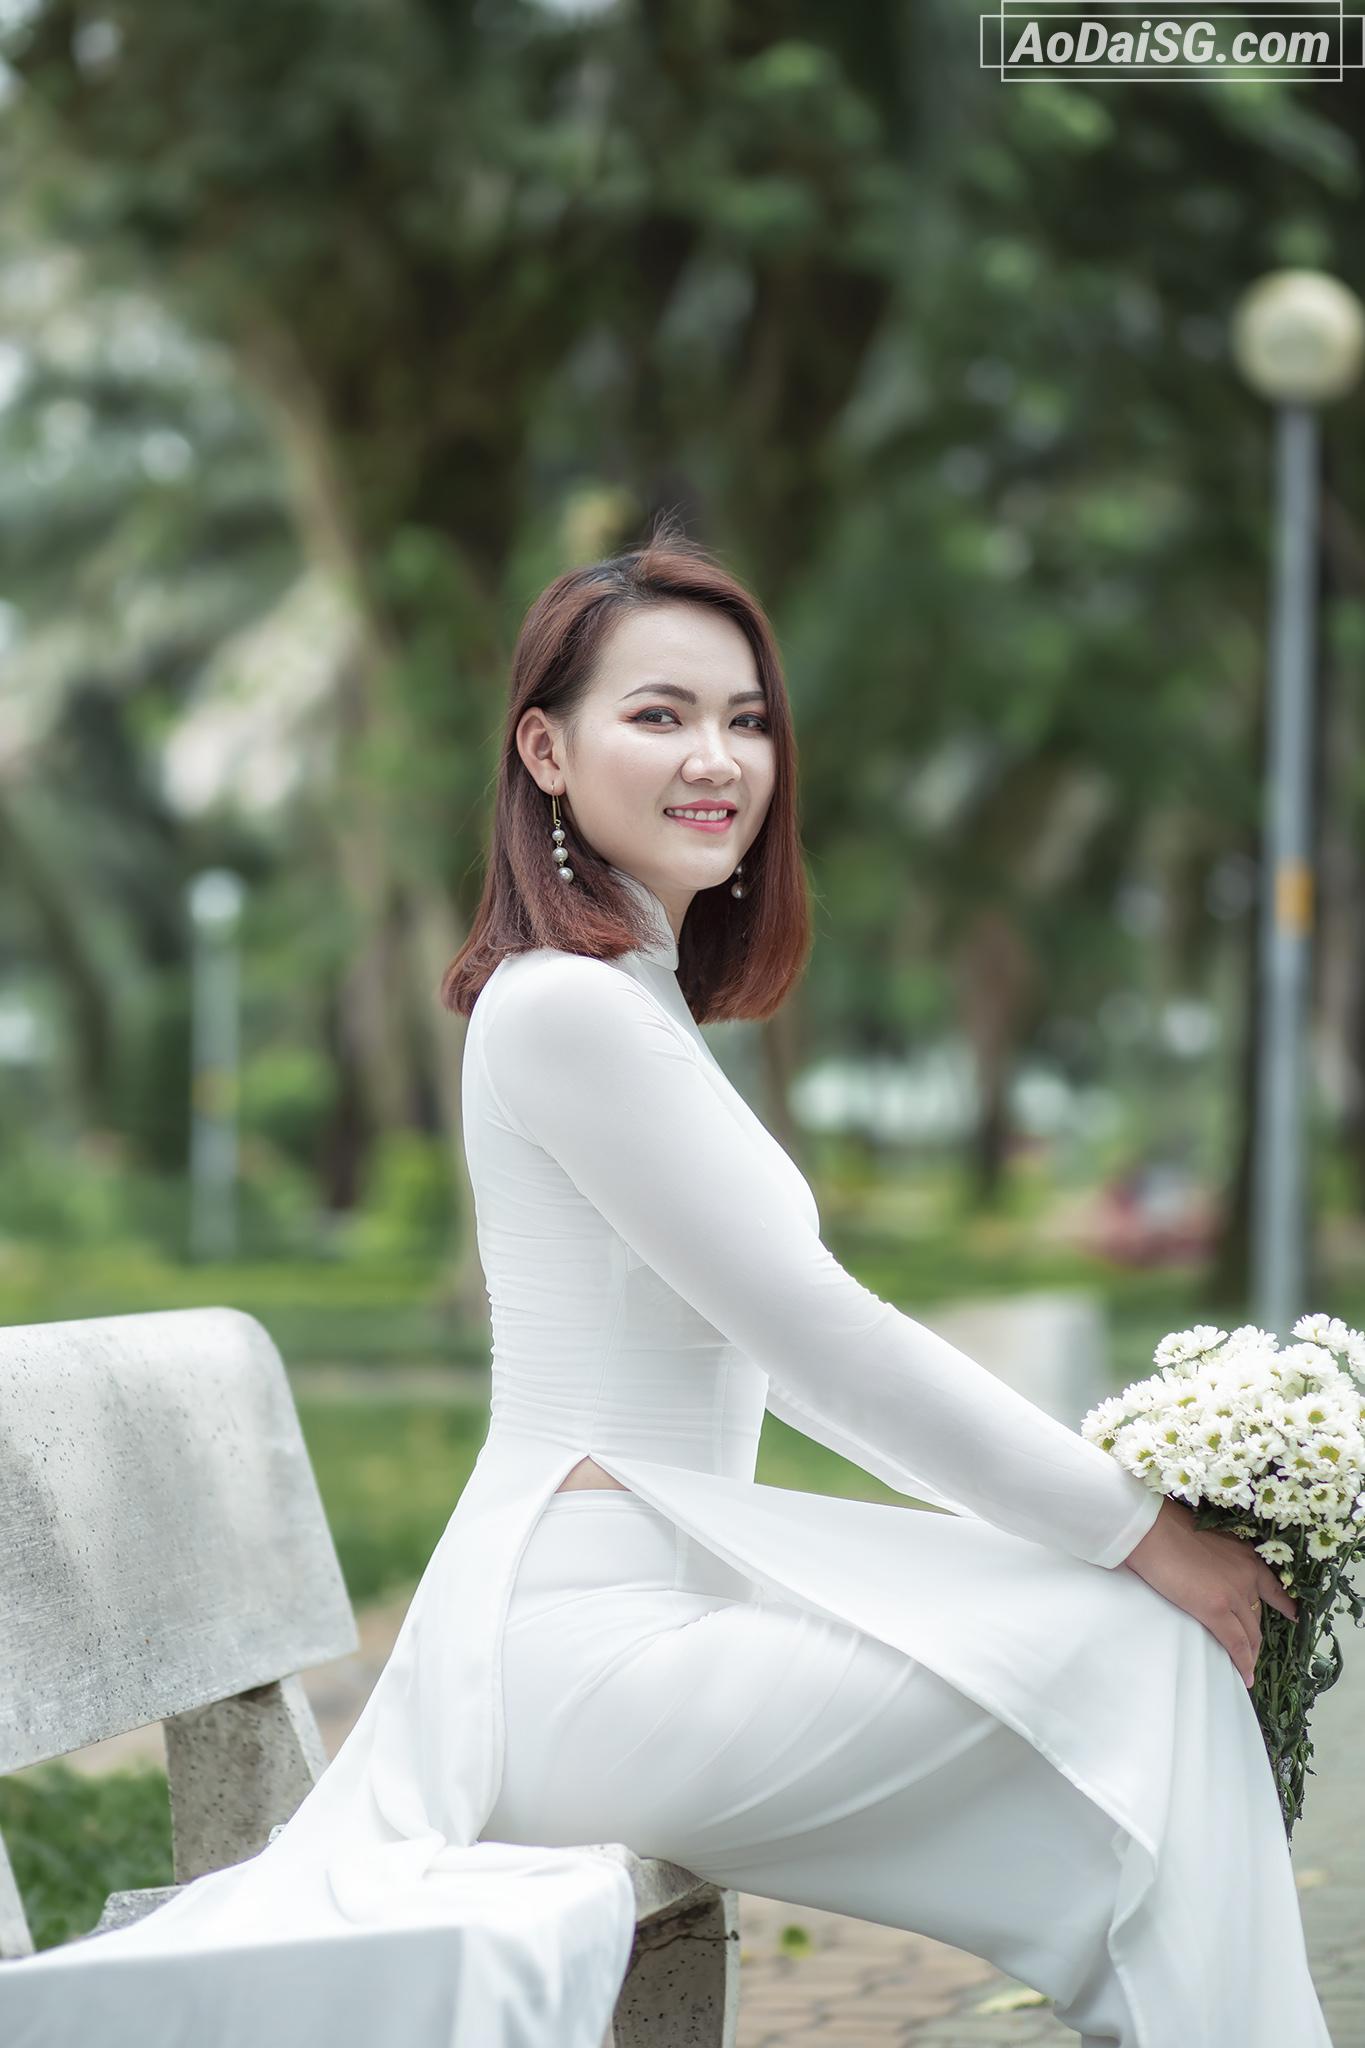 chụp hình áo dài trắng vời hoa cúc